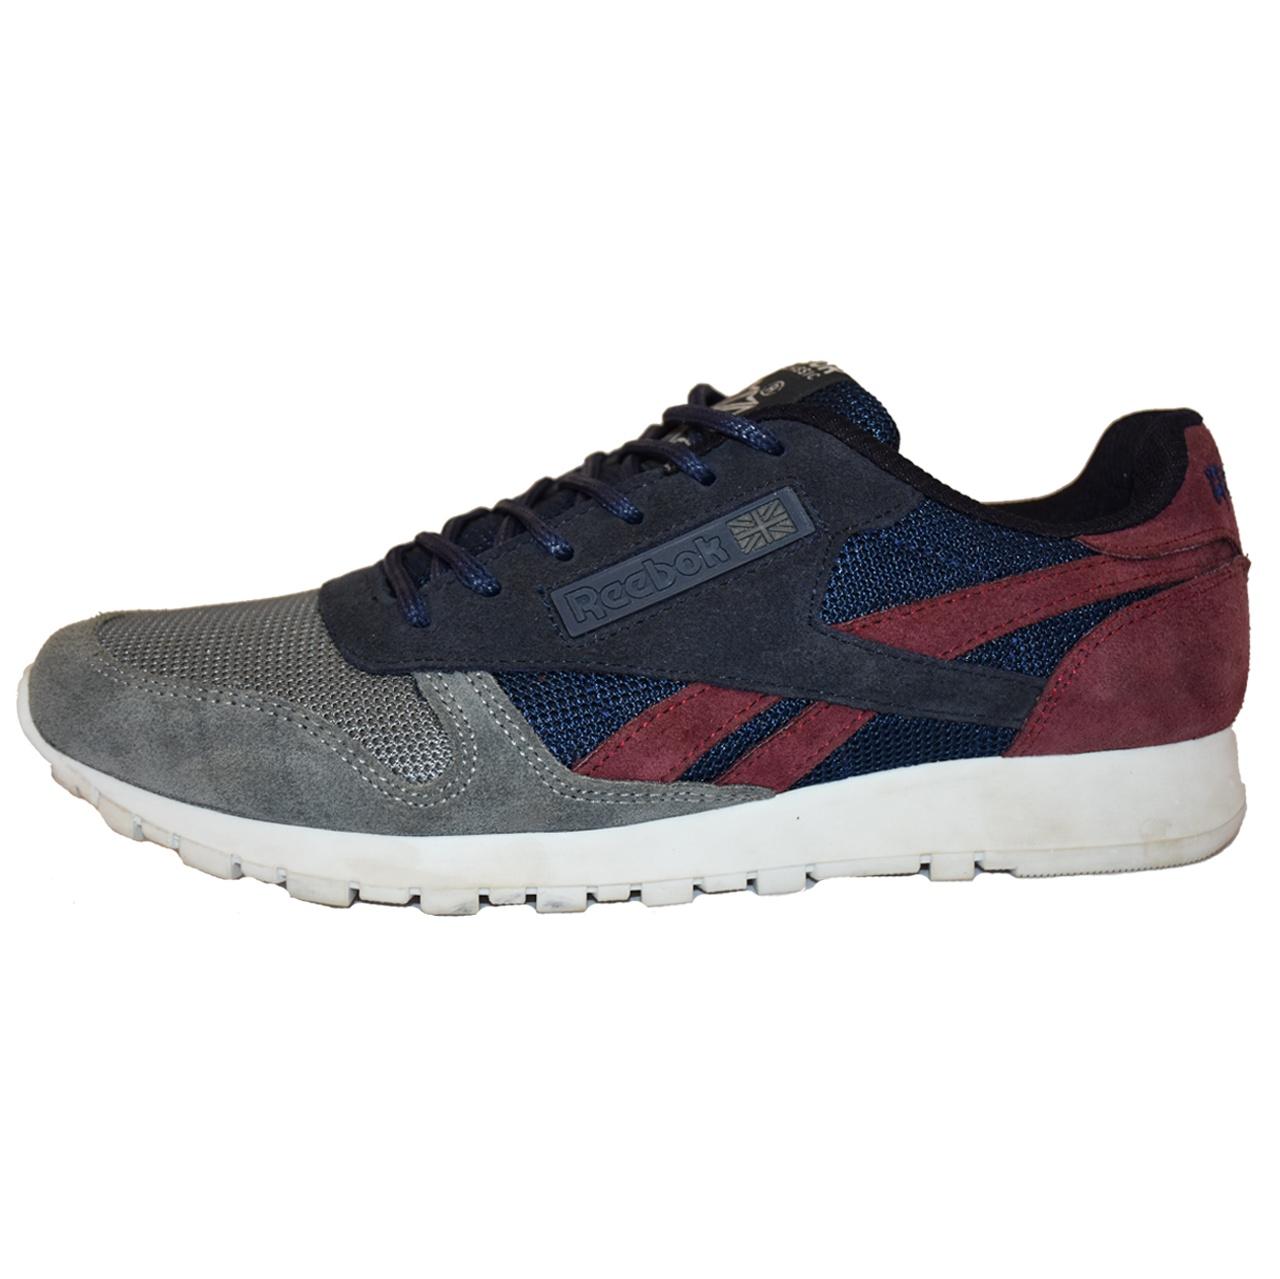 کفش مخصوص پیاده روی زنانه کد 000426